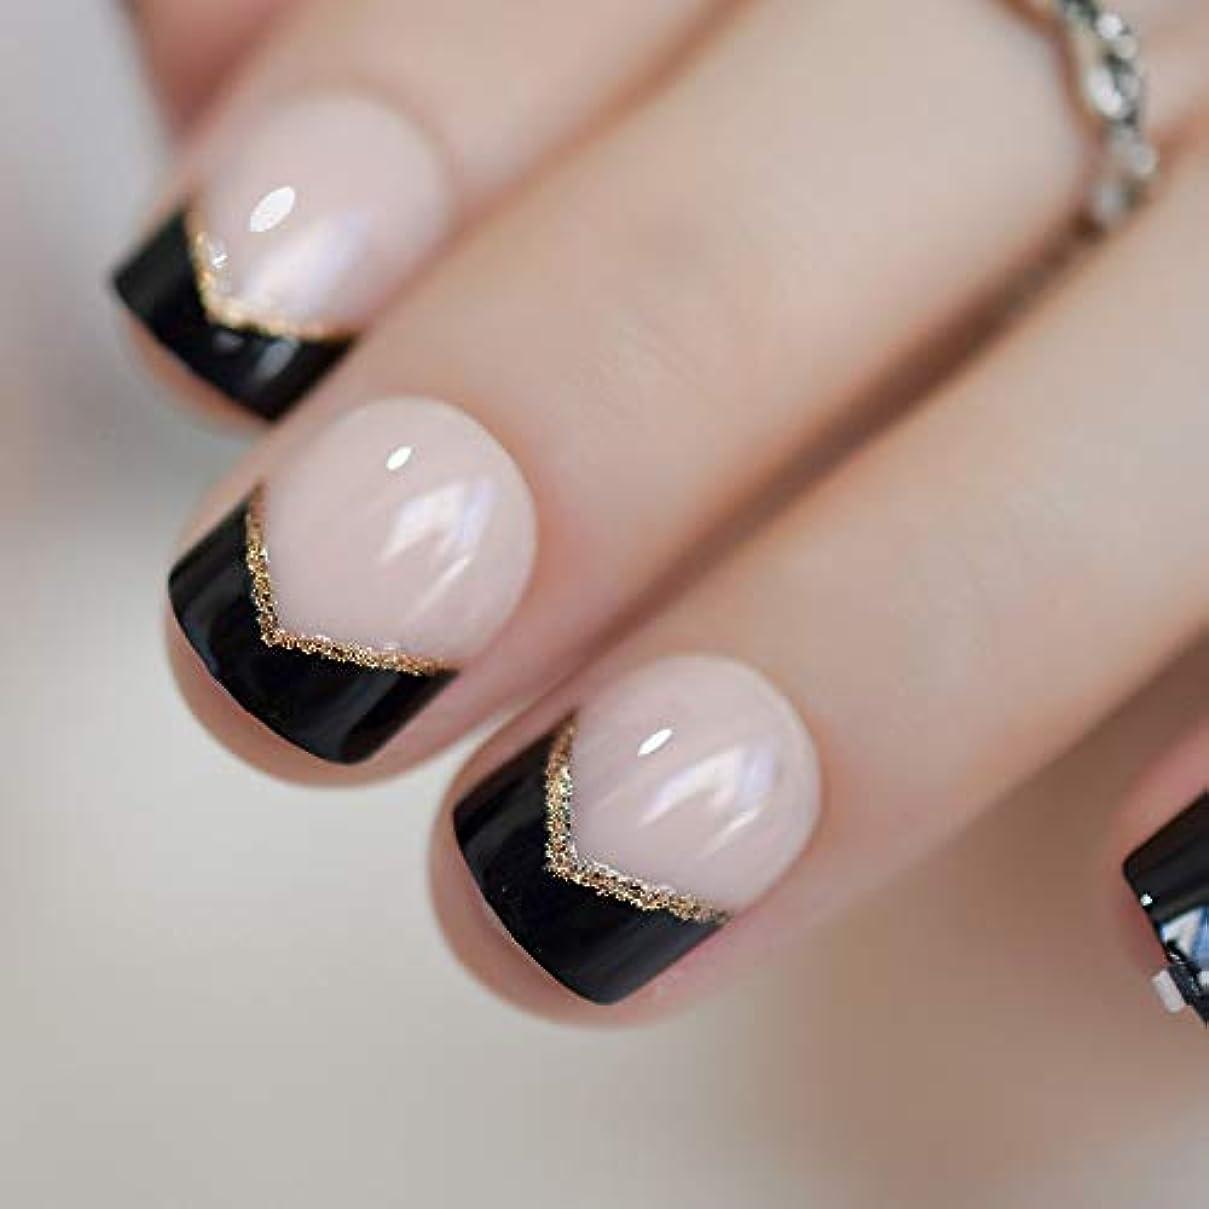 ウサギ欠点デモンストレーションXUTXZKA 短い爪黒のヒントゴールドグリッターアングル装飾された女性のための自然な偽の爪